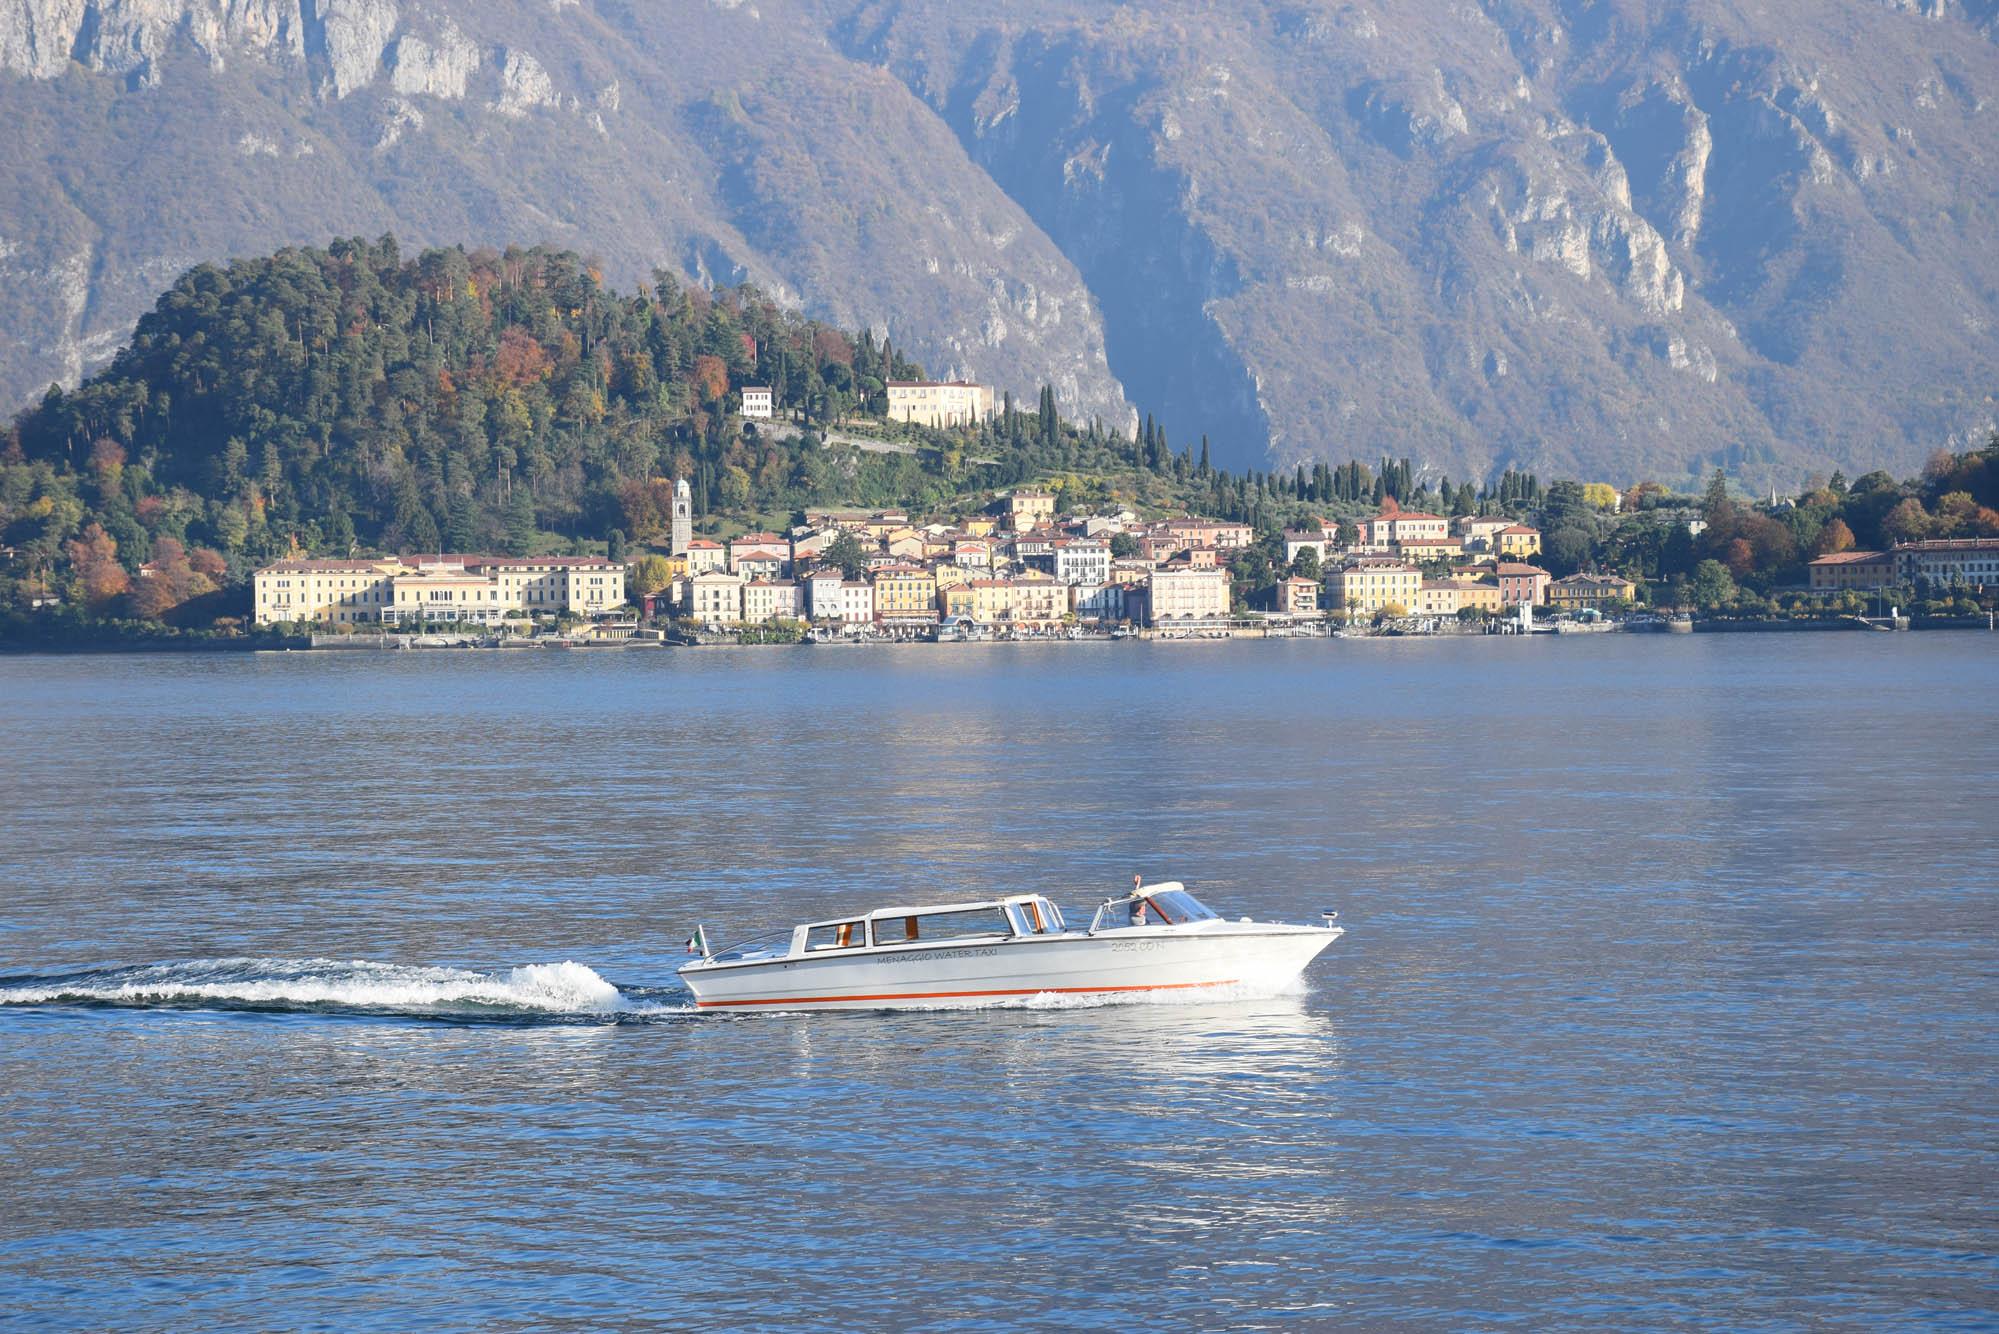 Passeios de barco pelo Lago di Como